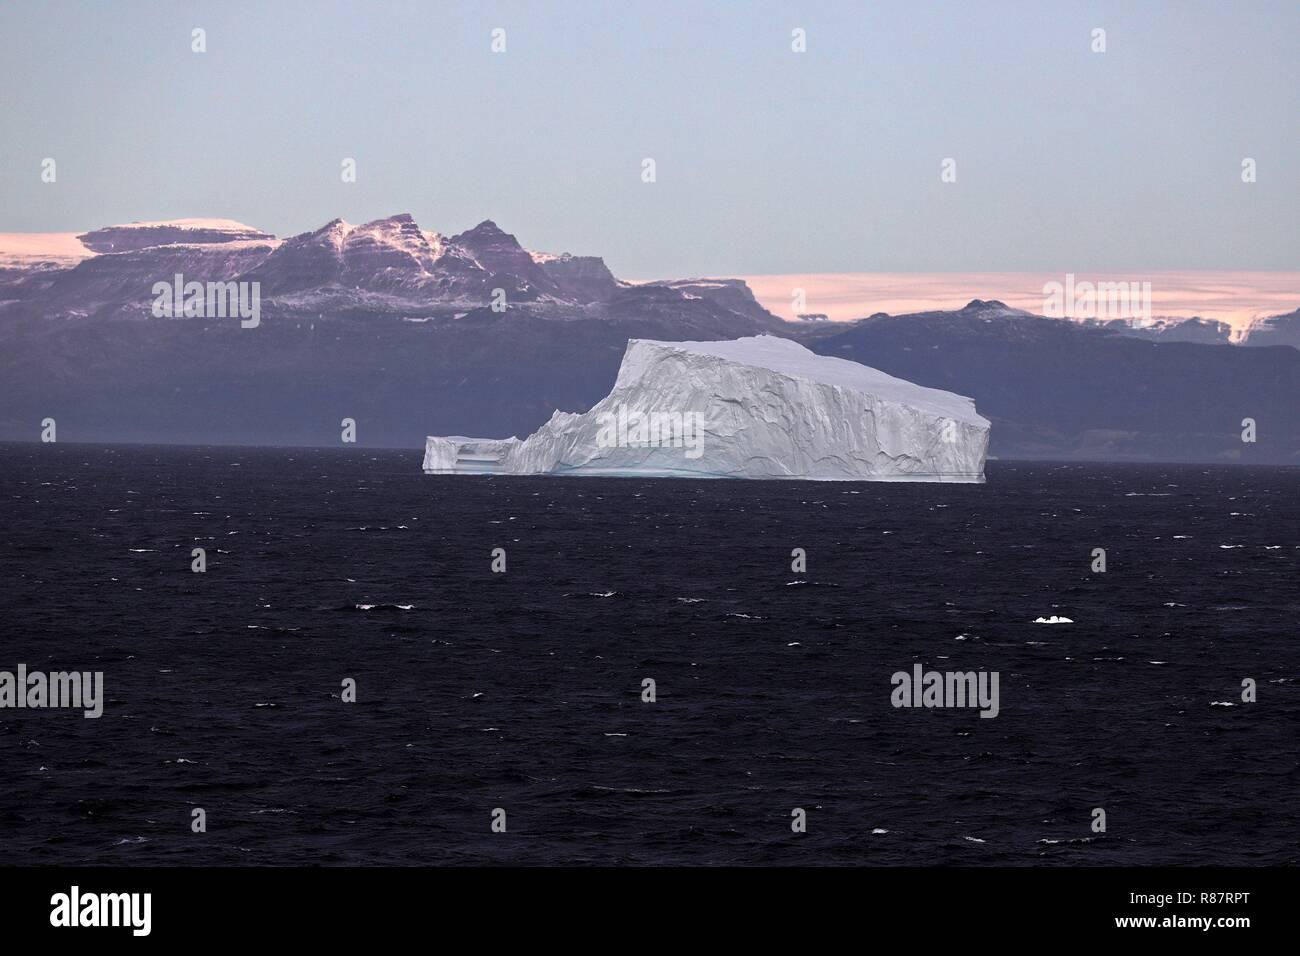 Grönland Disko Bucht: Zwei Stufen führen auf die Terrasse zu diesem Eisberg vor der Disko-Insel (50km entfernt) - Stock Image